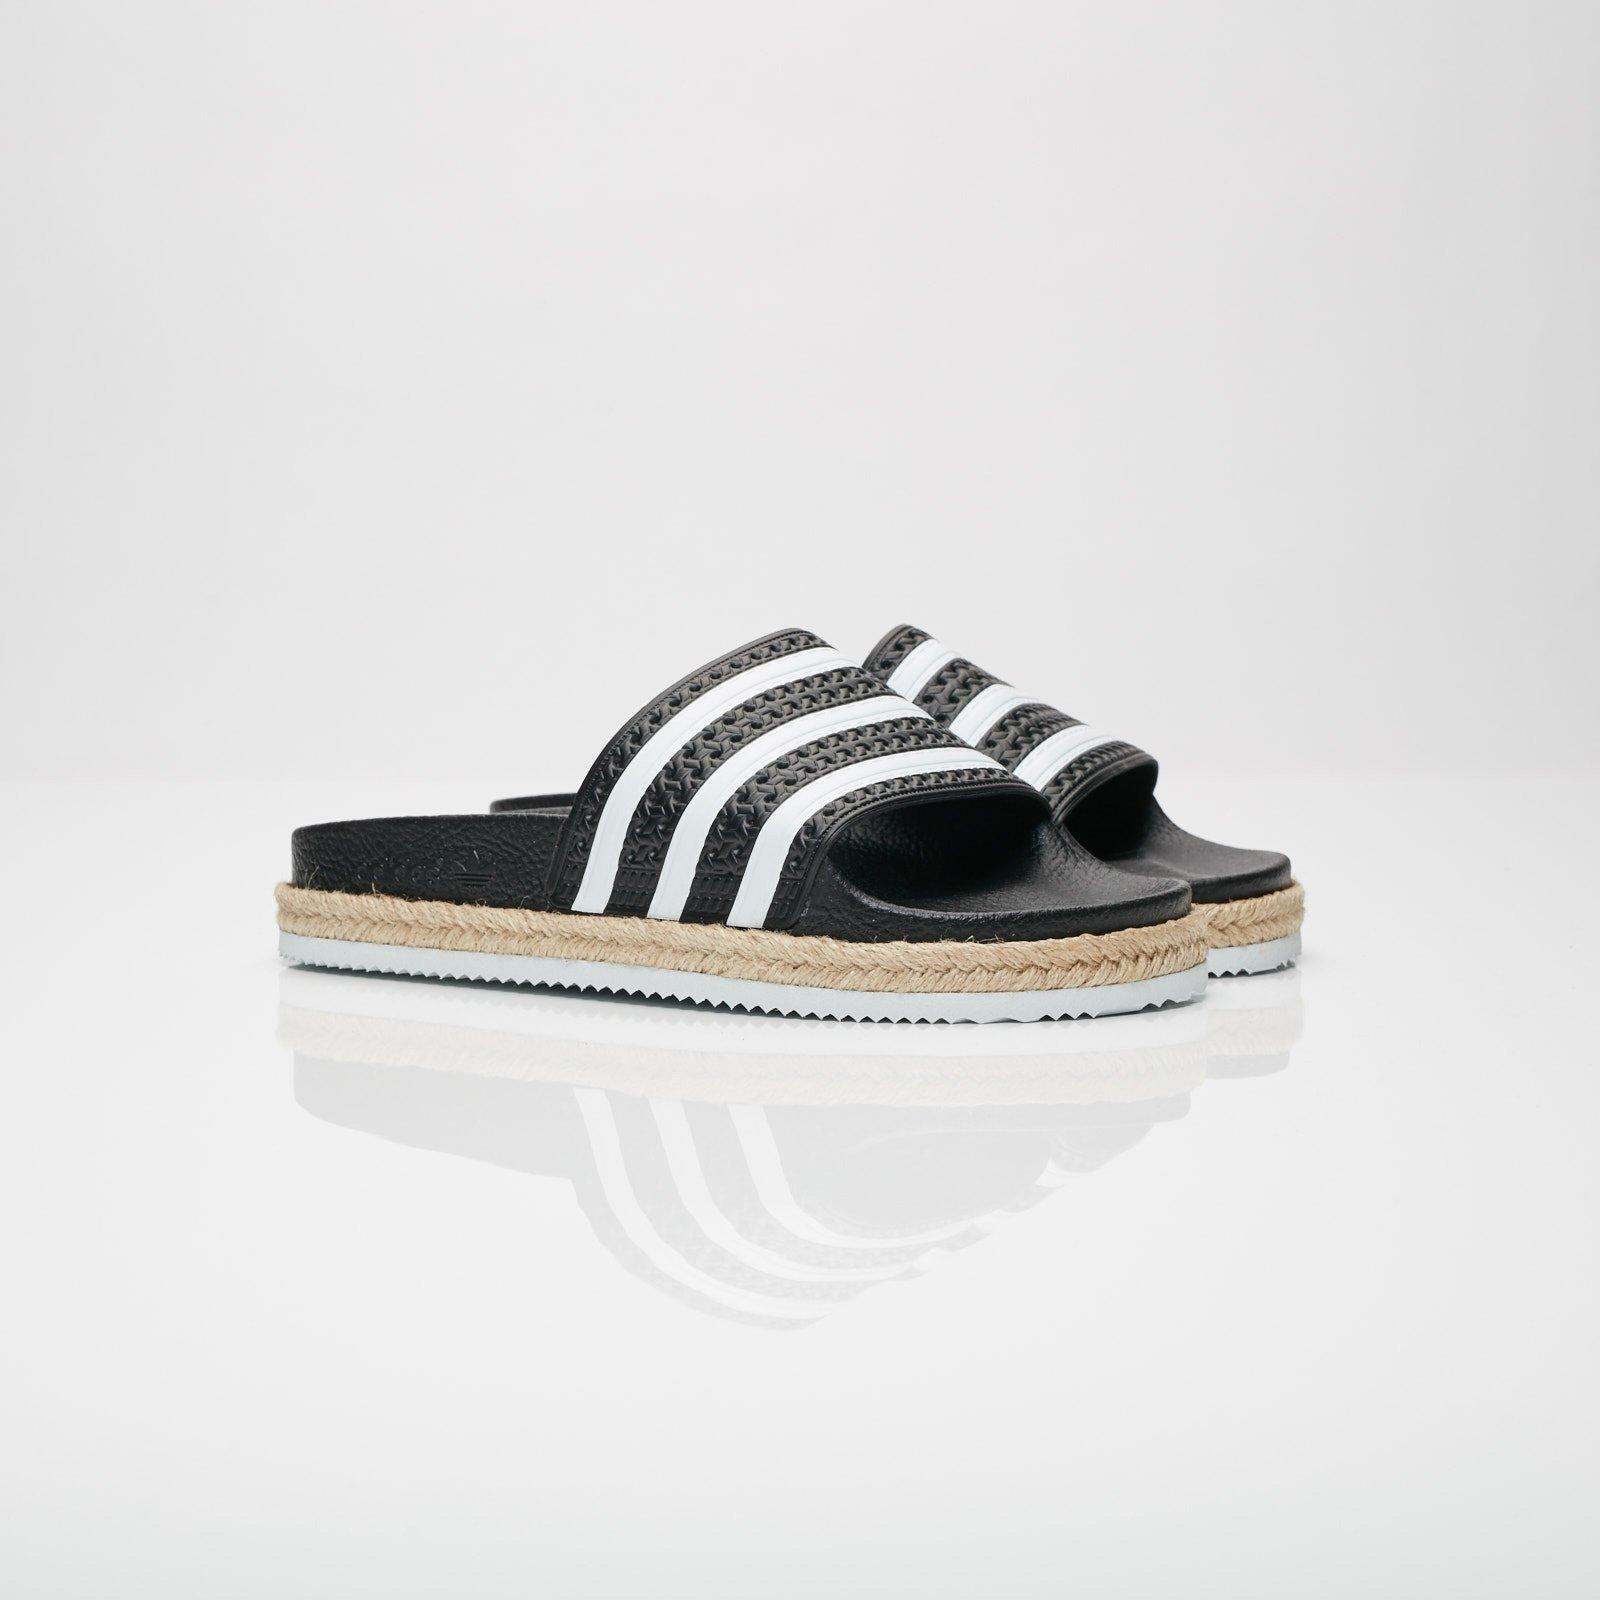 22c1c85daa2bc adidas Adilette New Bold W - Cq3093 - Sneakersnstuff